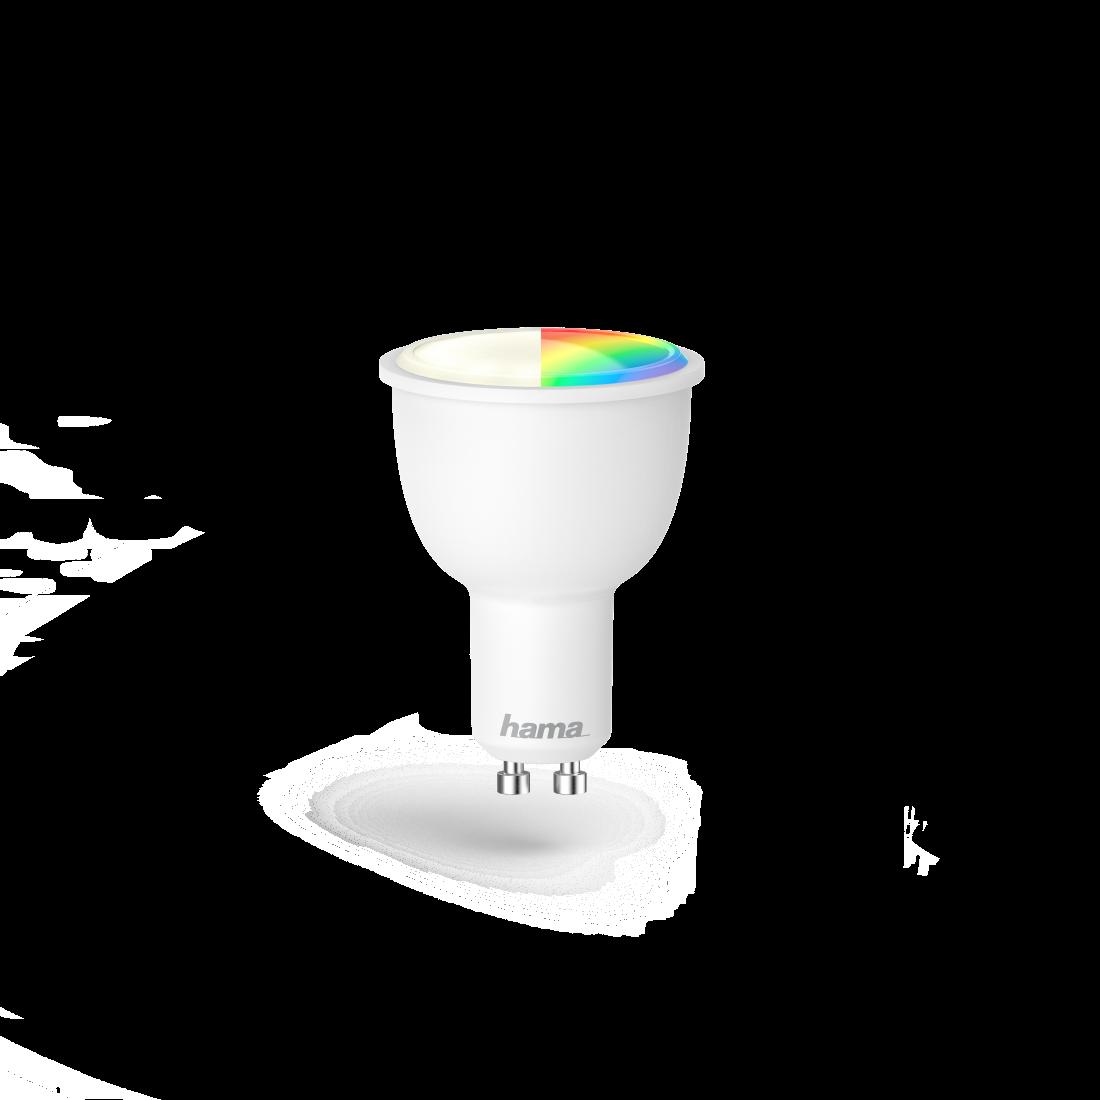 Welp 176548 Hama Wifi-ledlamp, GU10, 4,5W, RGB, dimbaar | hama.nl RM-06